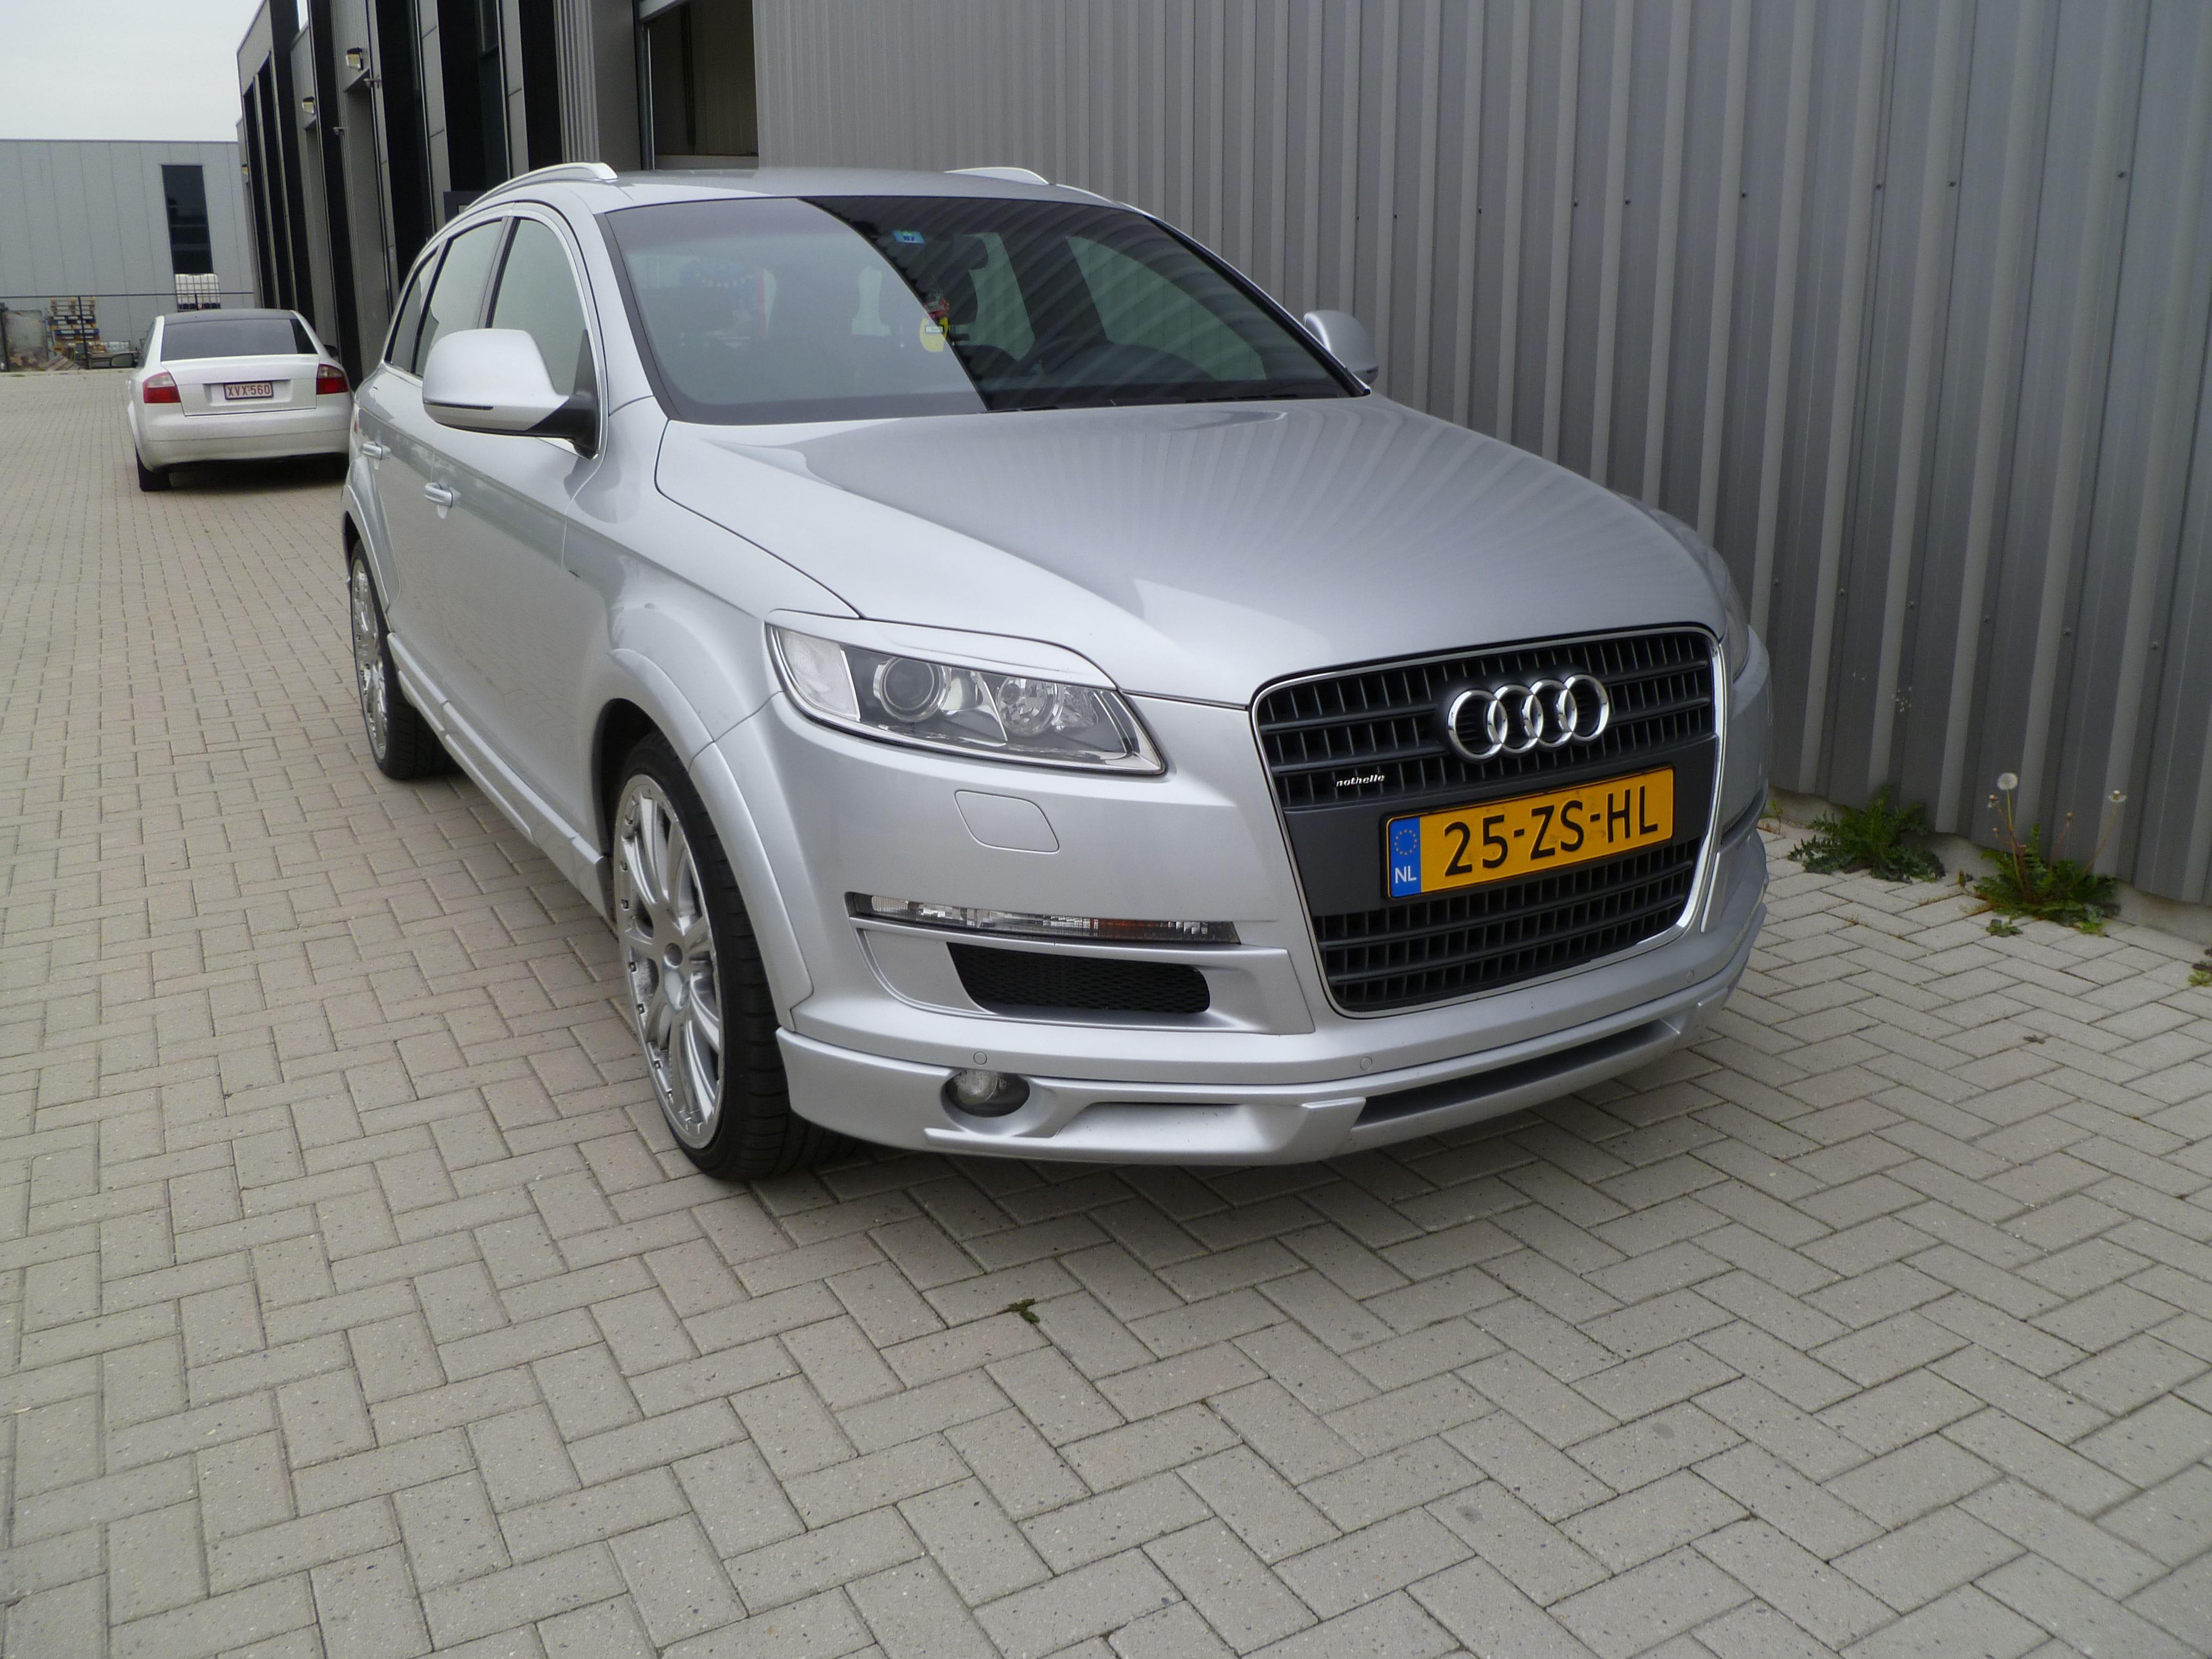 Audi Q7 met Mat Witte Wrap, Carwrapping door Wrapmyride.nu Foto-nr:4934, ©2021